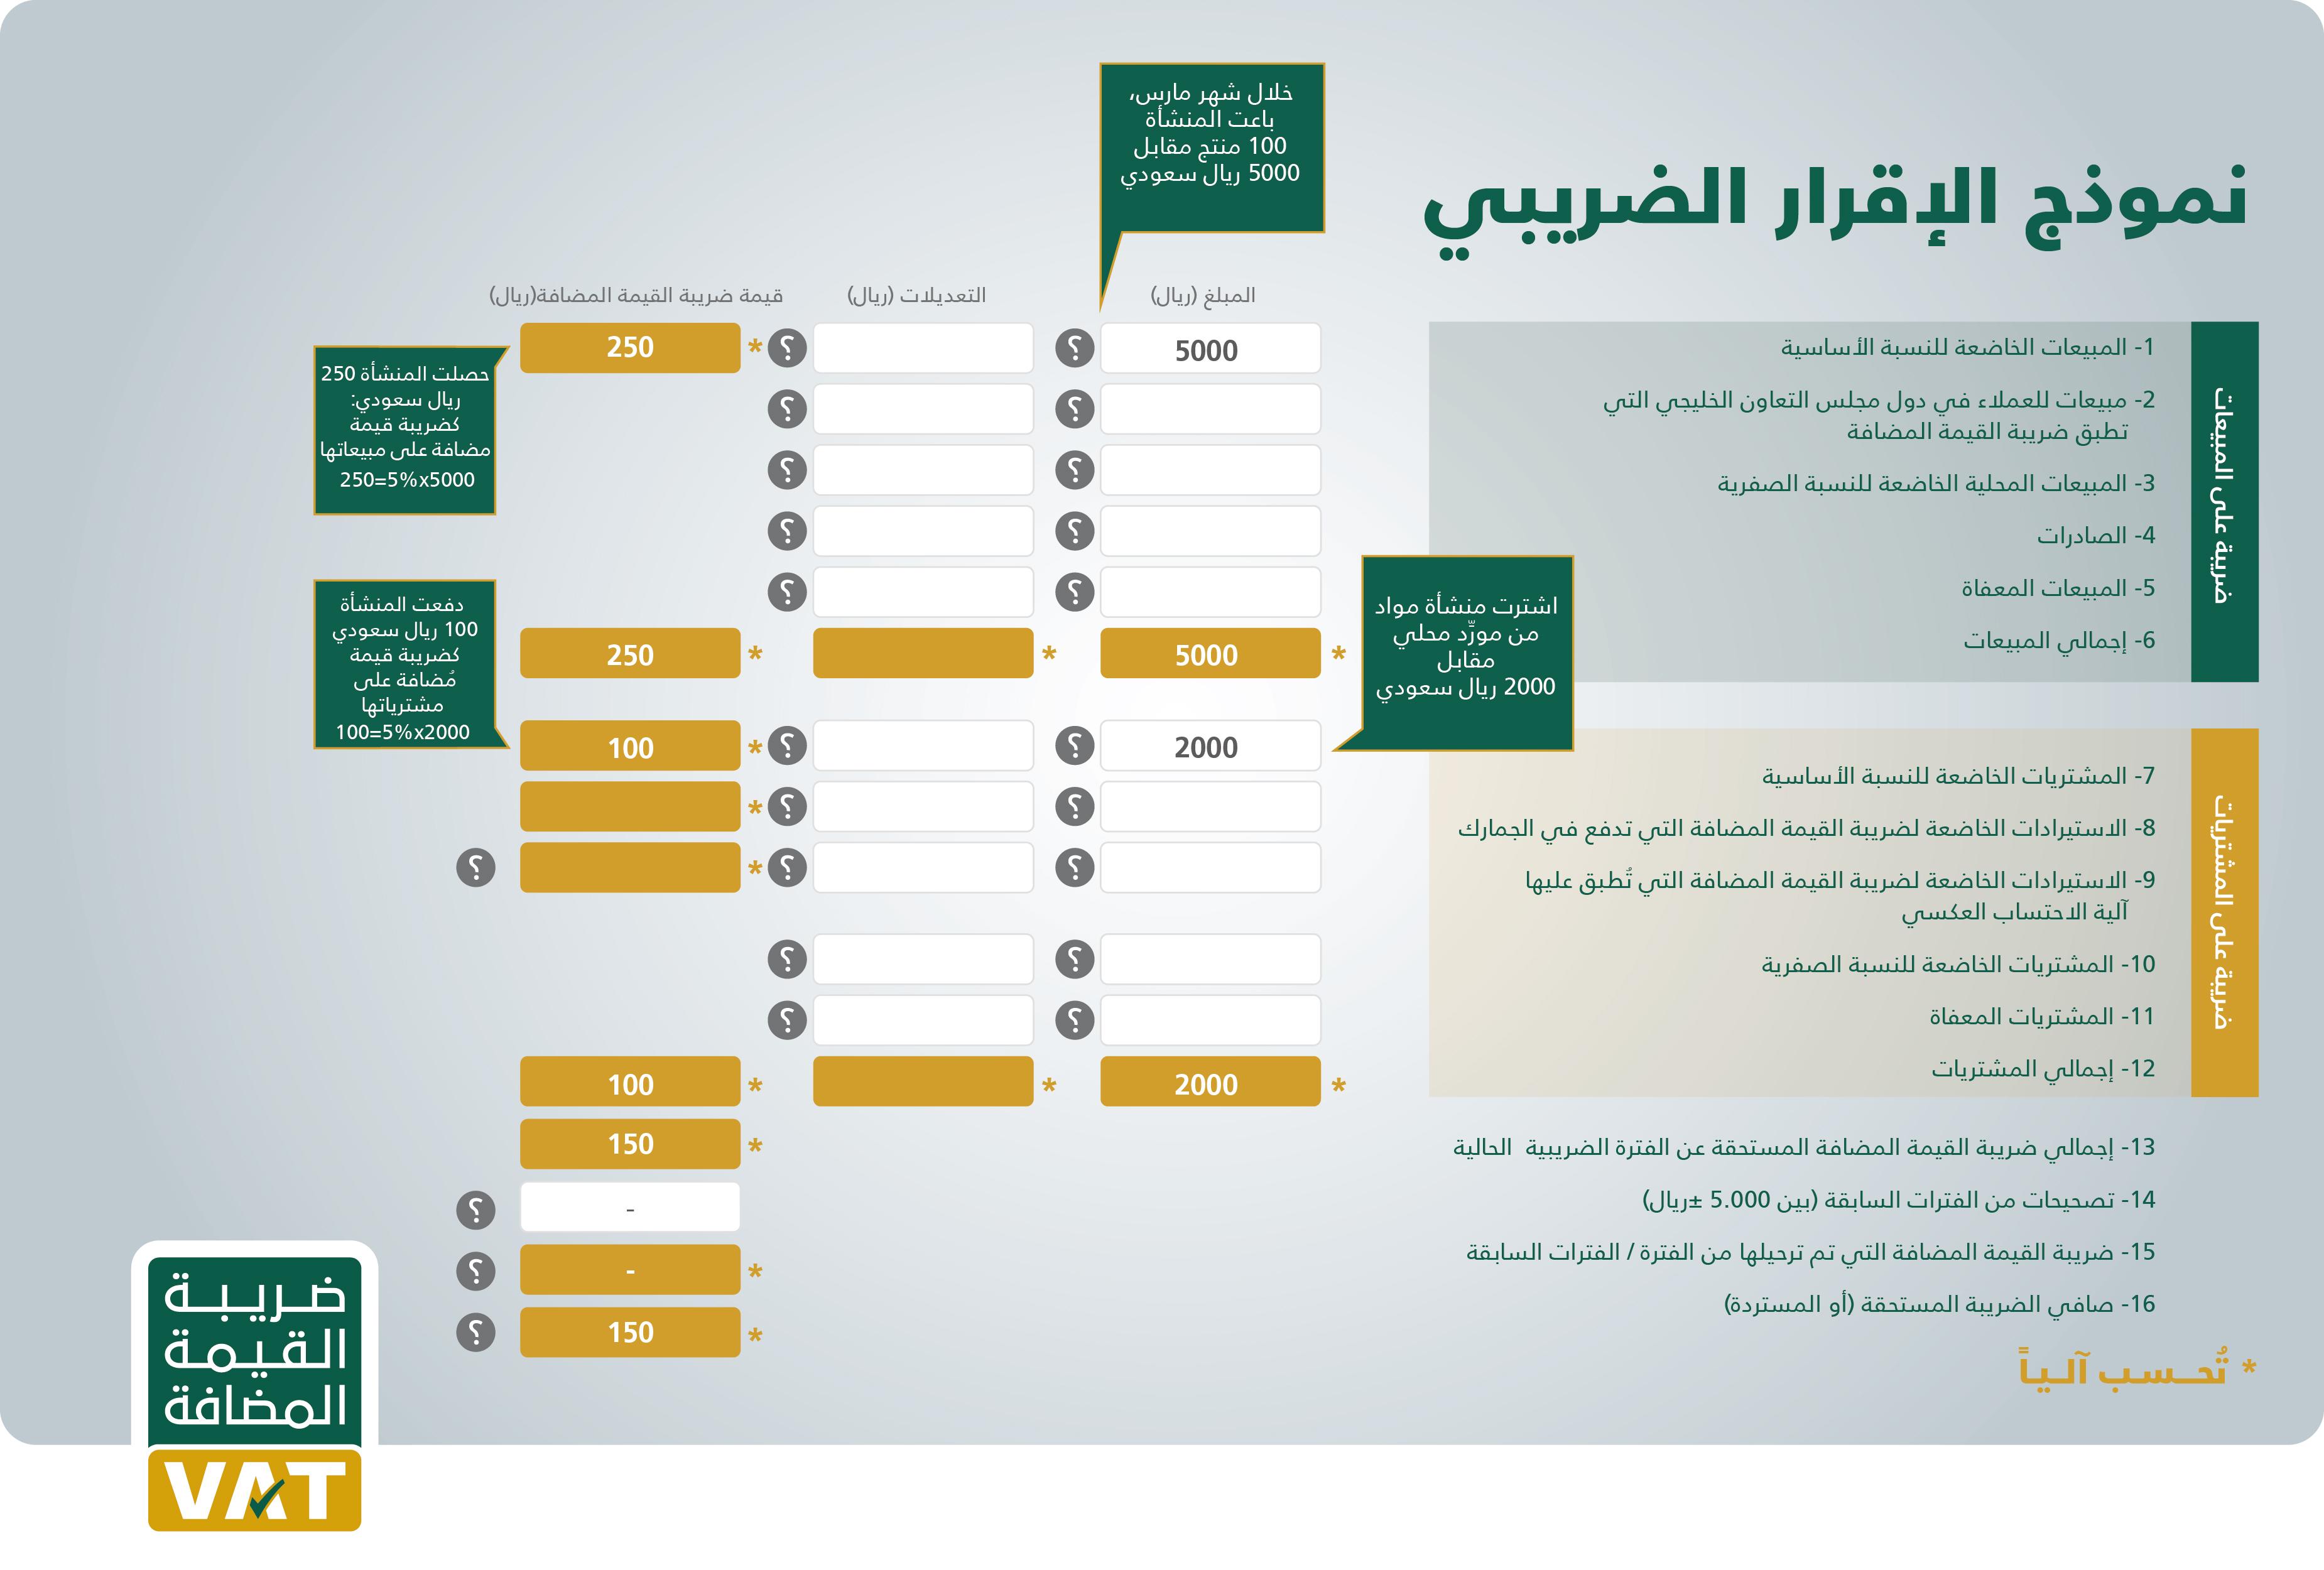 برنامج دفترة لحساب ضريبة القيمة المضافة والإقرار الضريبي بالسعودية دفترة